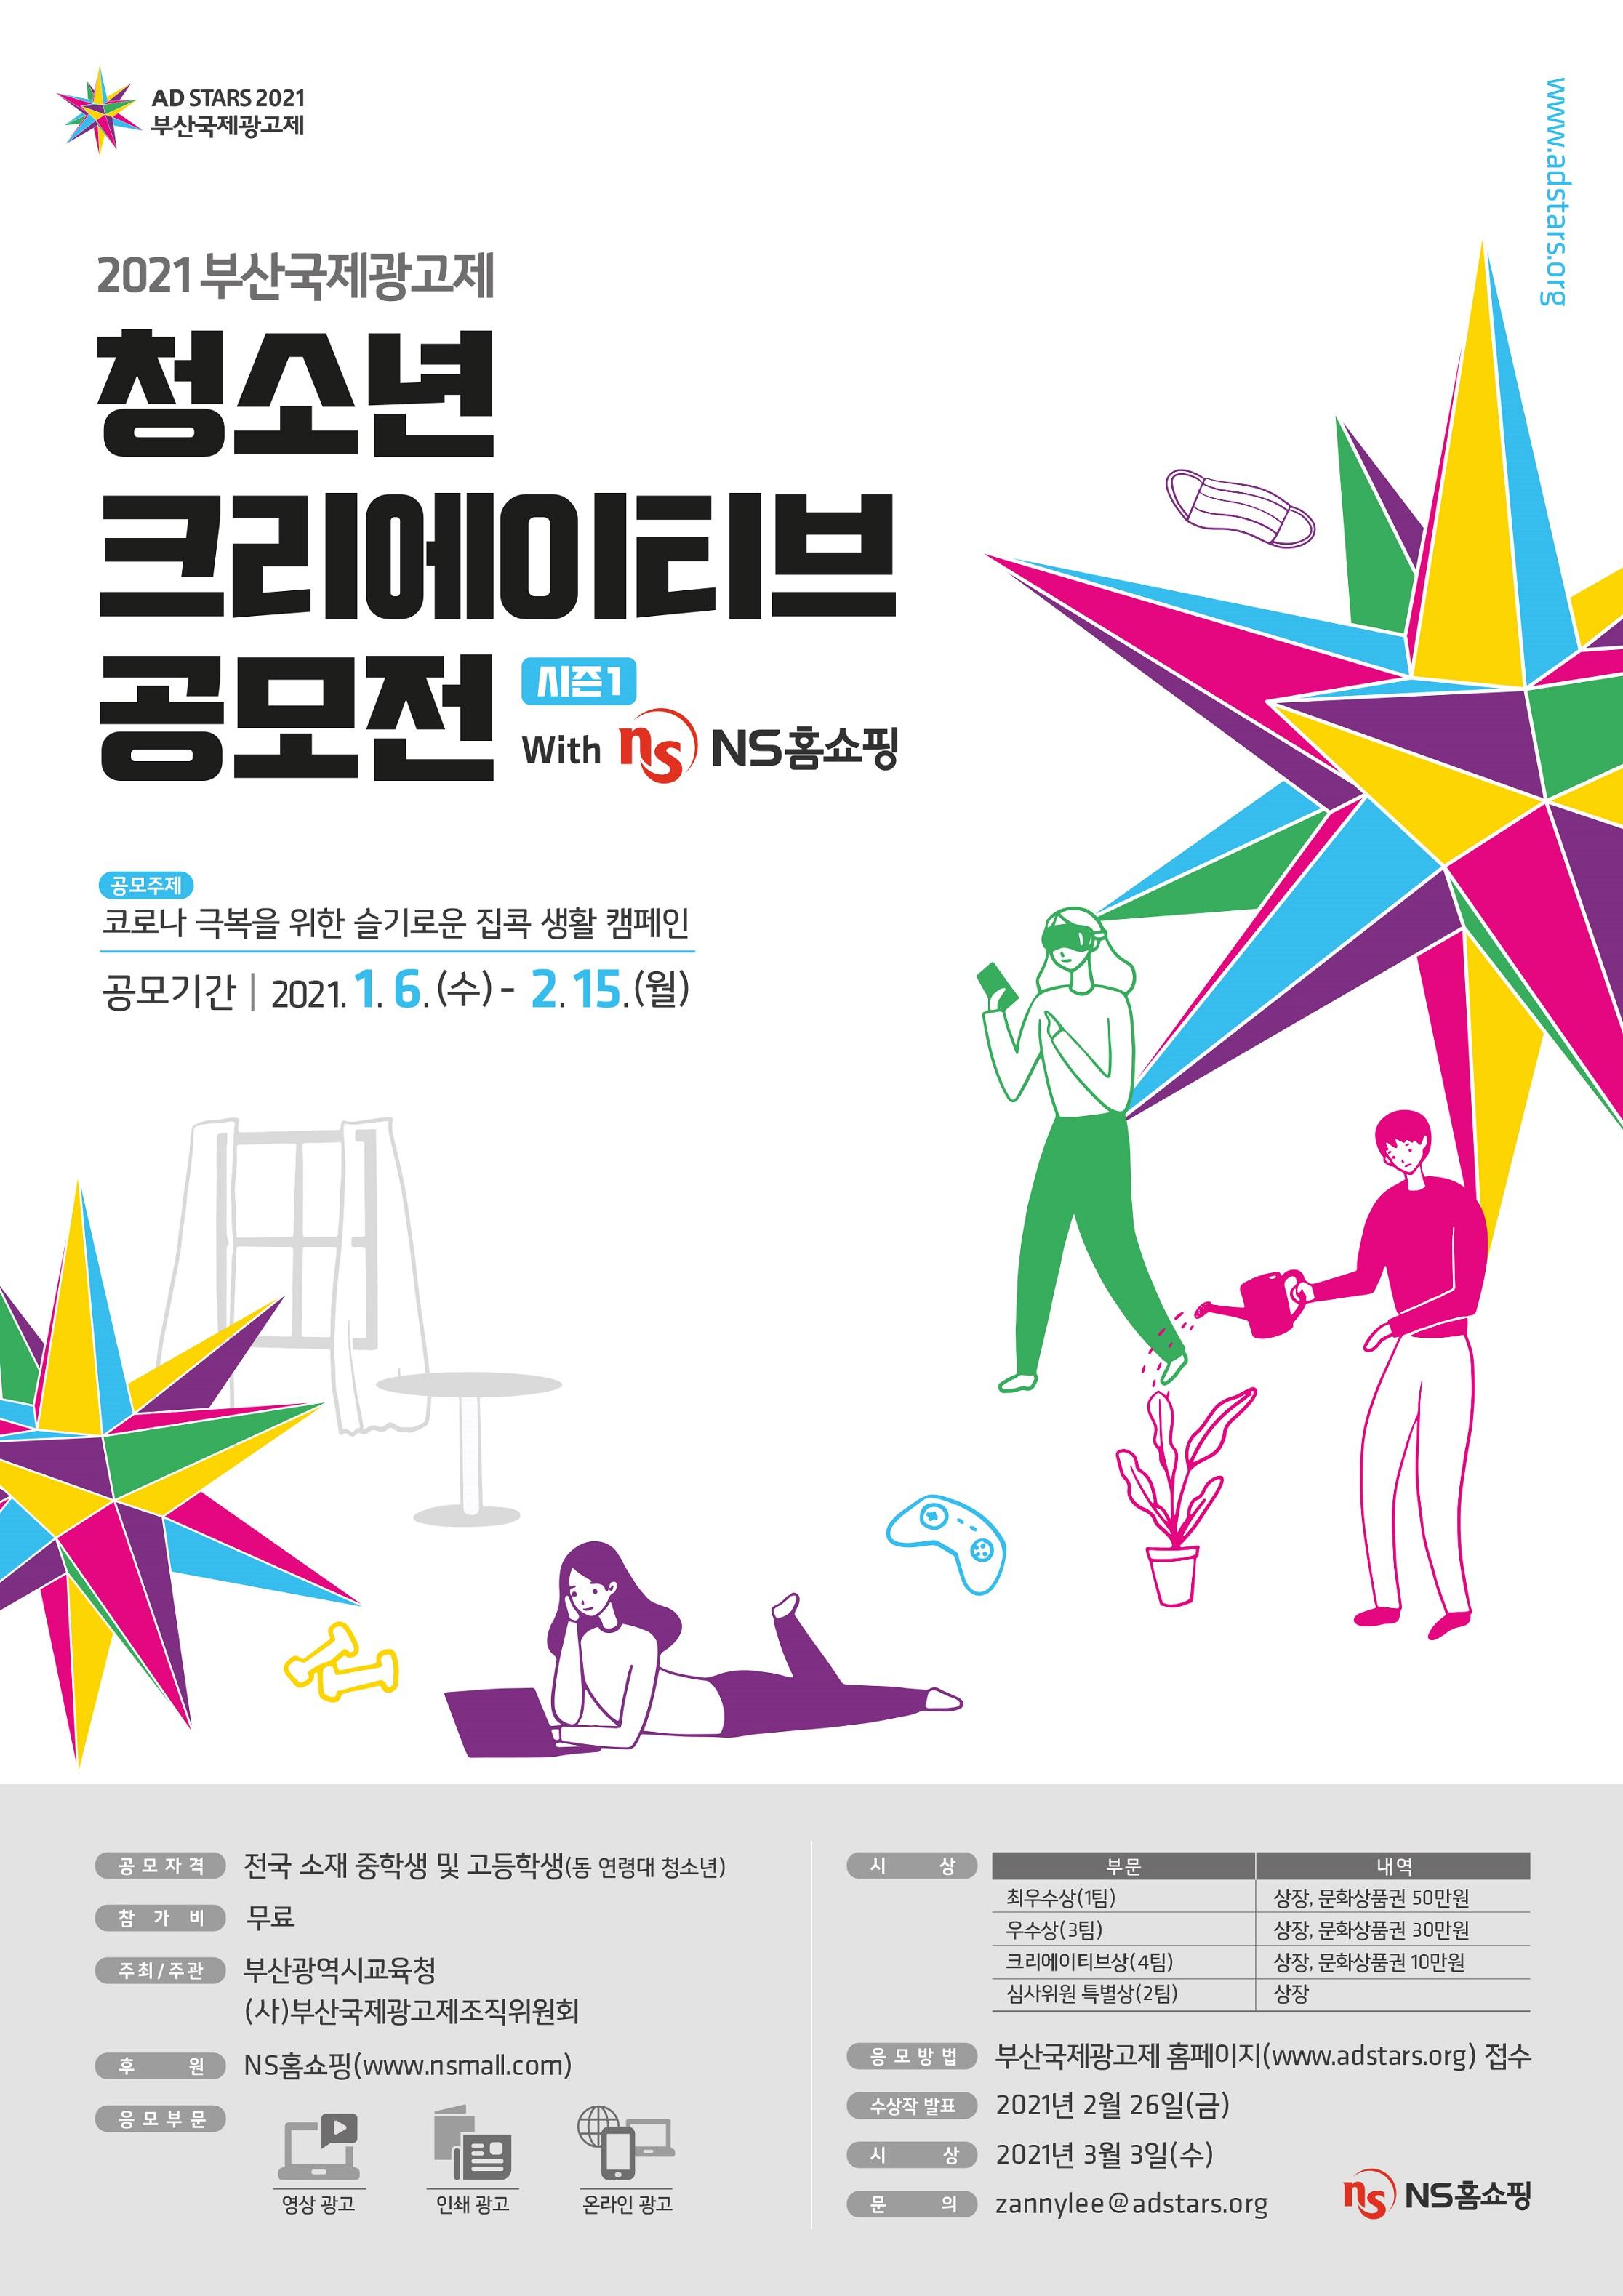 2021 부산국제광고제 청소년 크리에이티브 공모전(시즌 1)